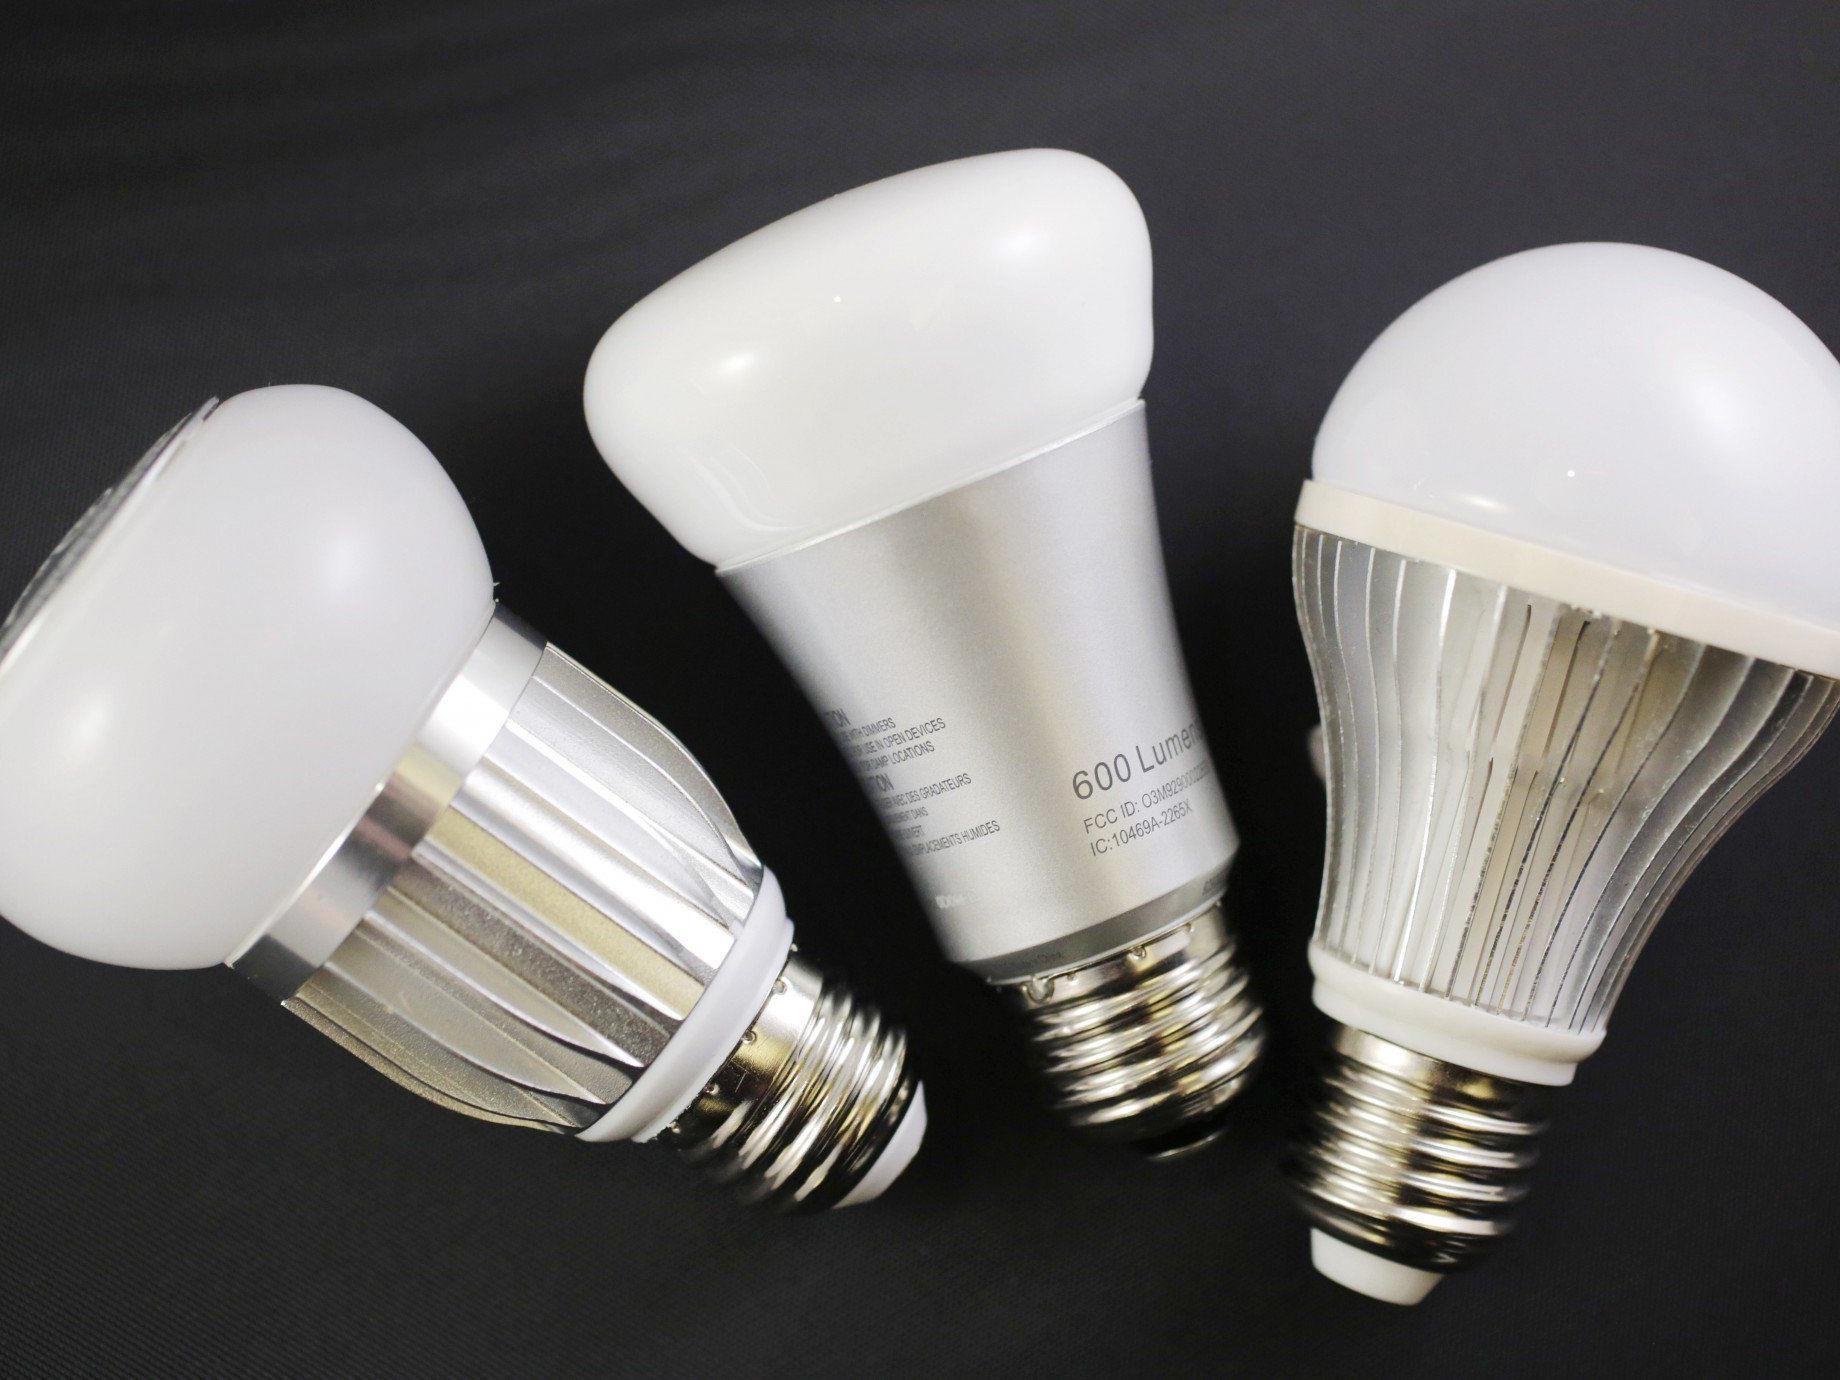 Lange Lebensdauer und gute Lichtqualität: 15 LED-Lampen im Test.